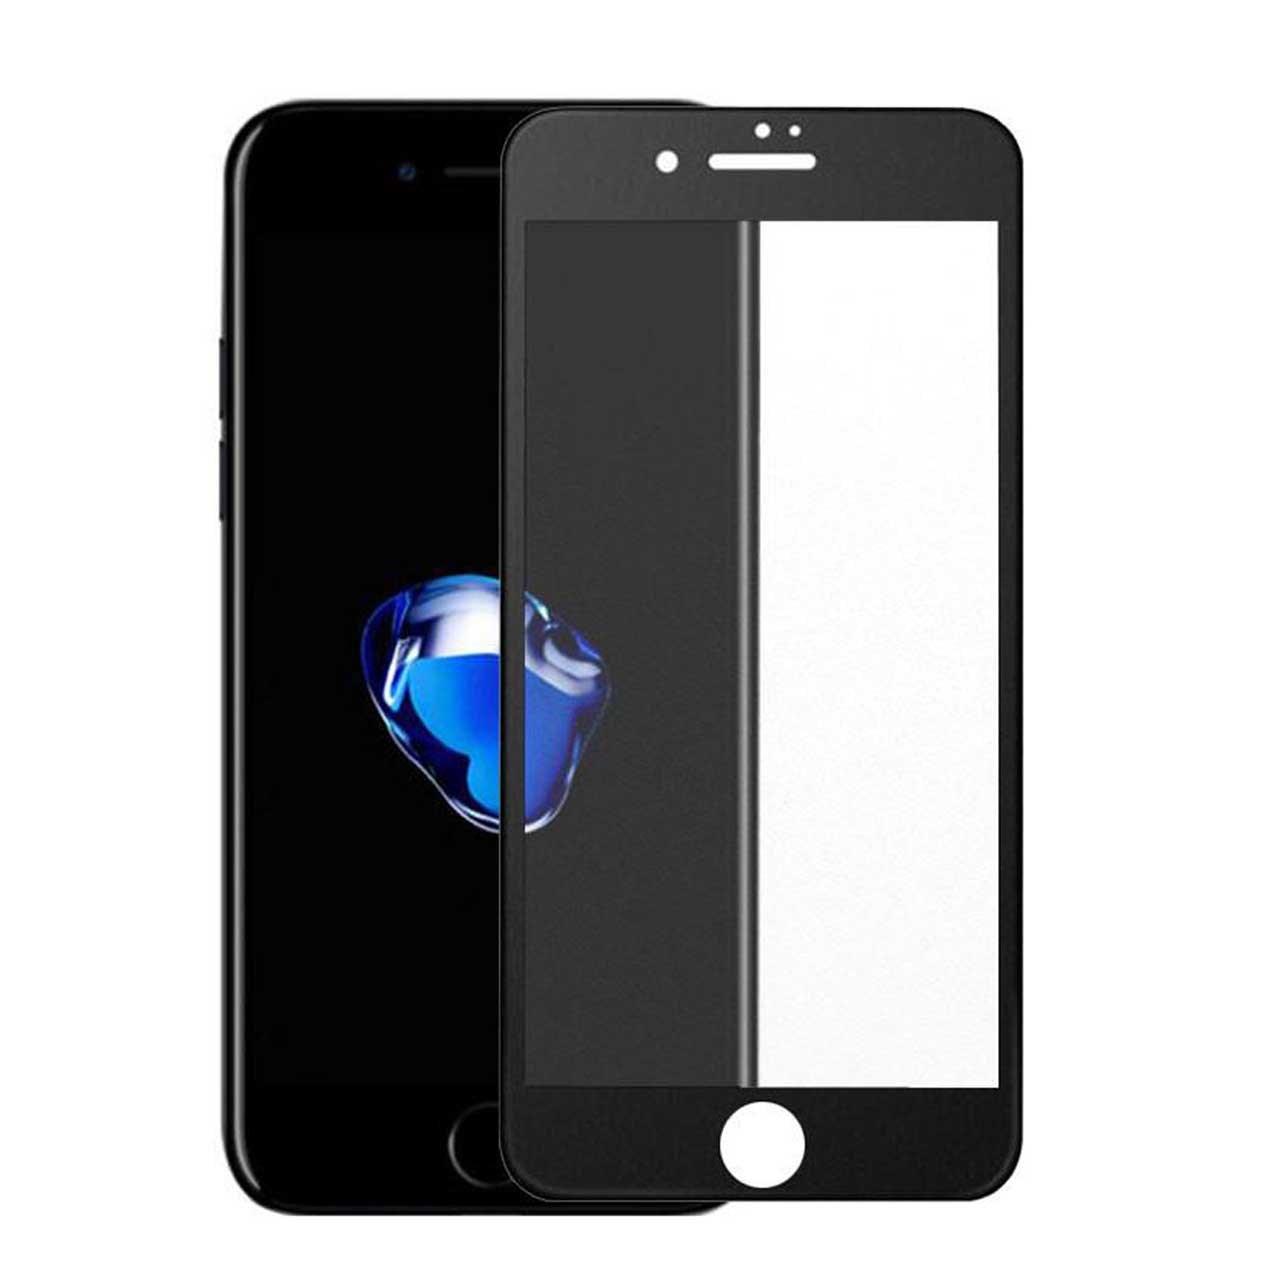 محافظ صفحه نمایش شیشه ای لیتو مدل Matt Full مناسب برای گوشی آیفون 8 پلاس/7 پلاس